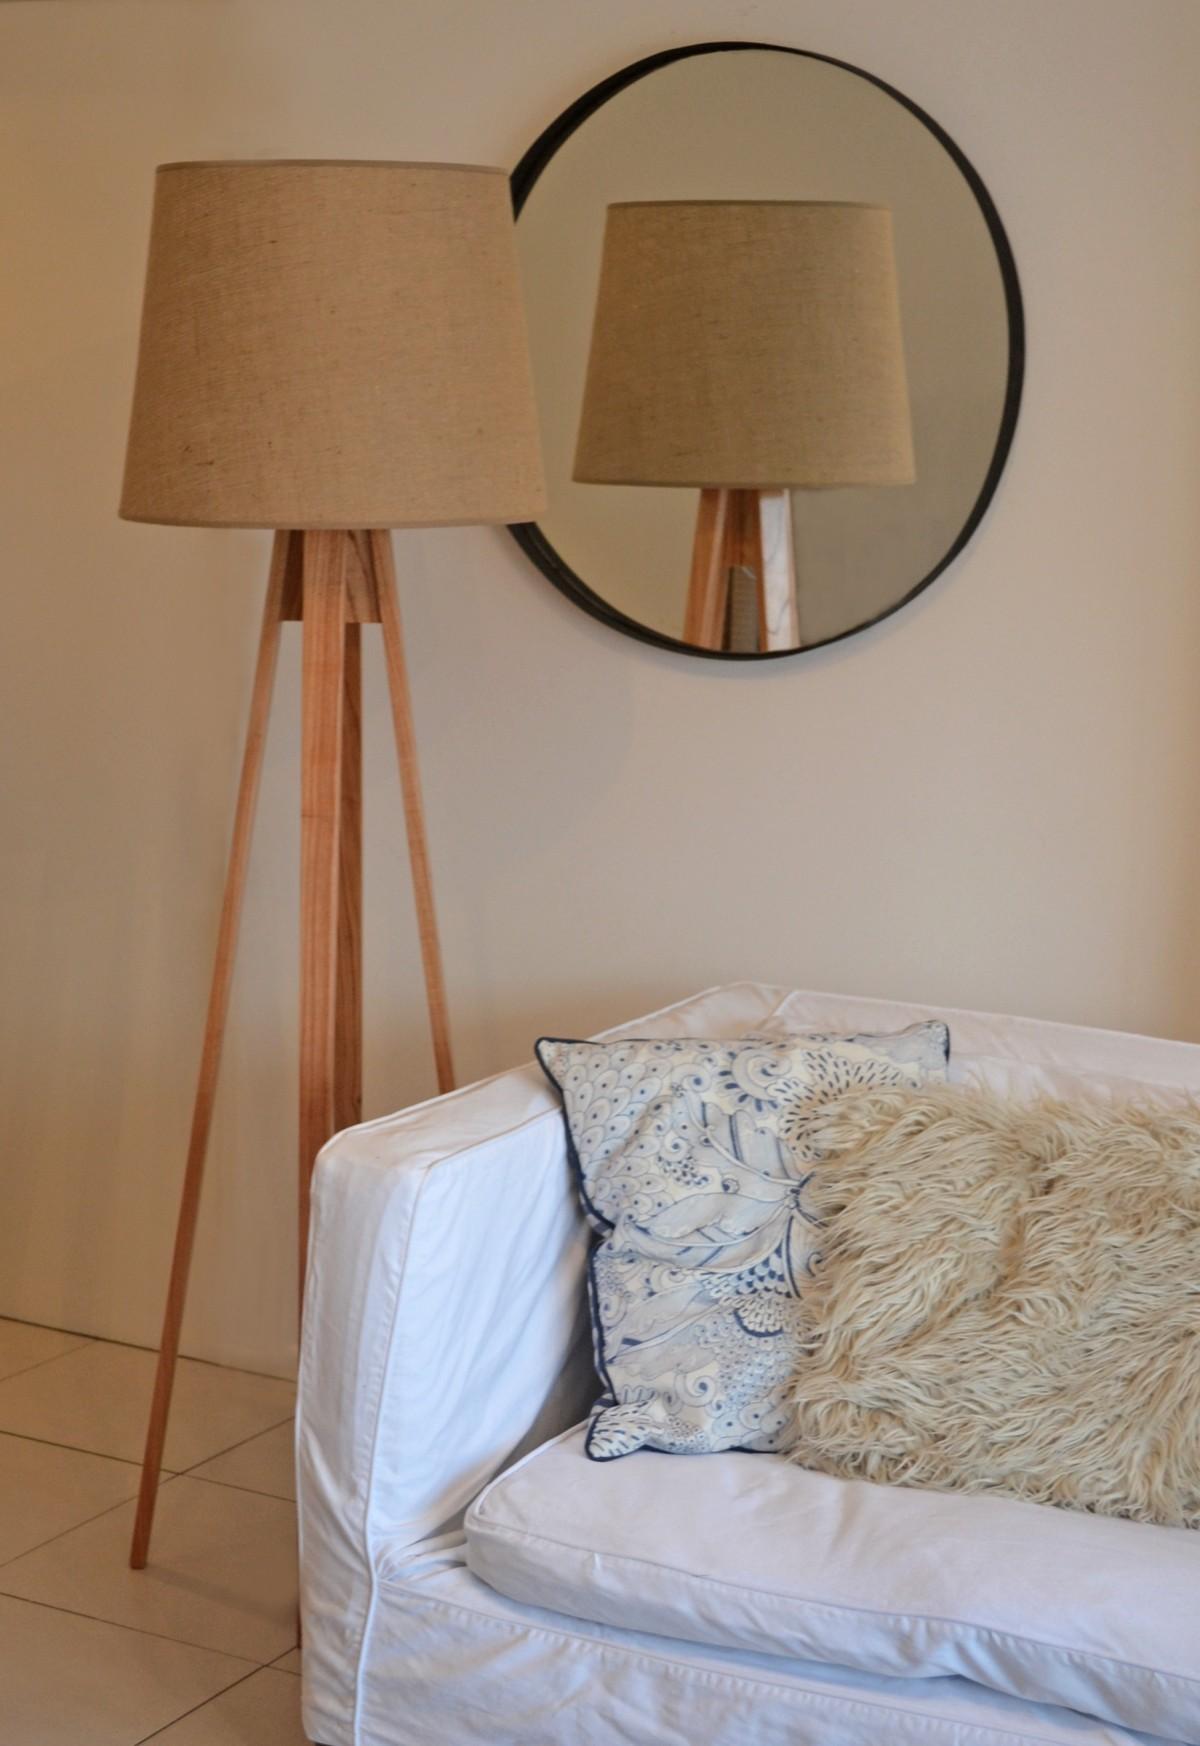 무료 이미지 : 표, 화이트, 의자, 바닥, 벽, 깨끗한, 선반, 램프 ...